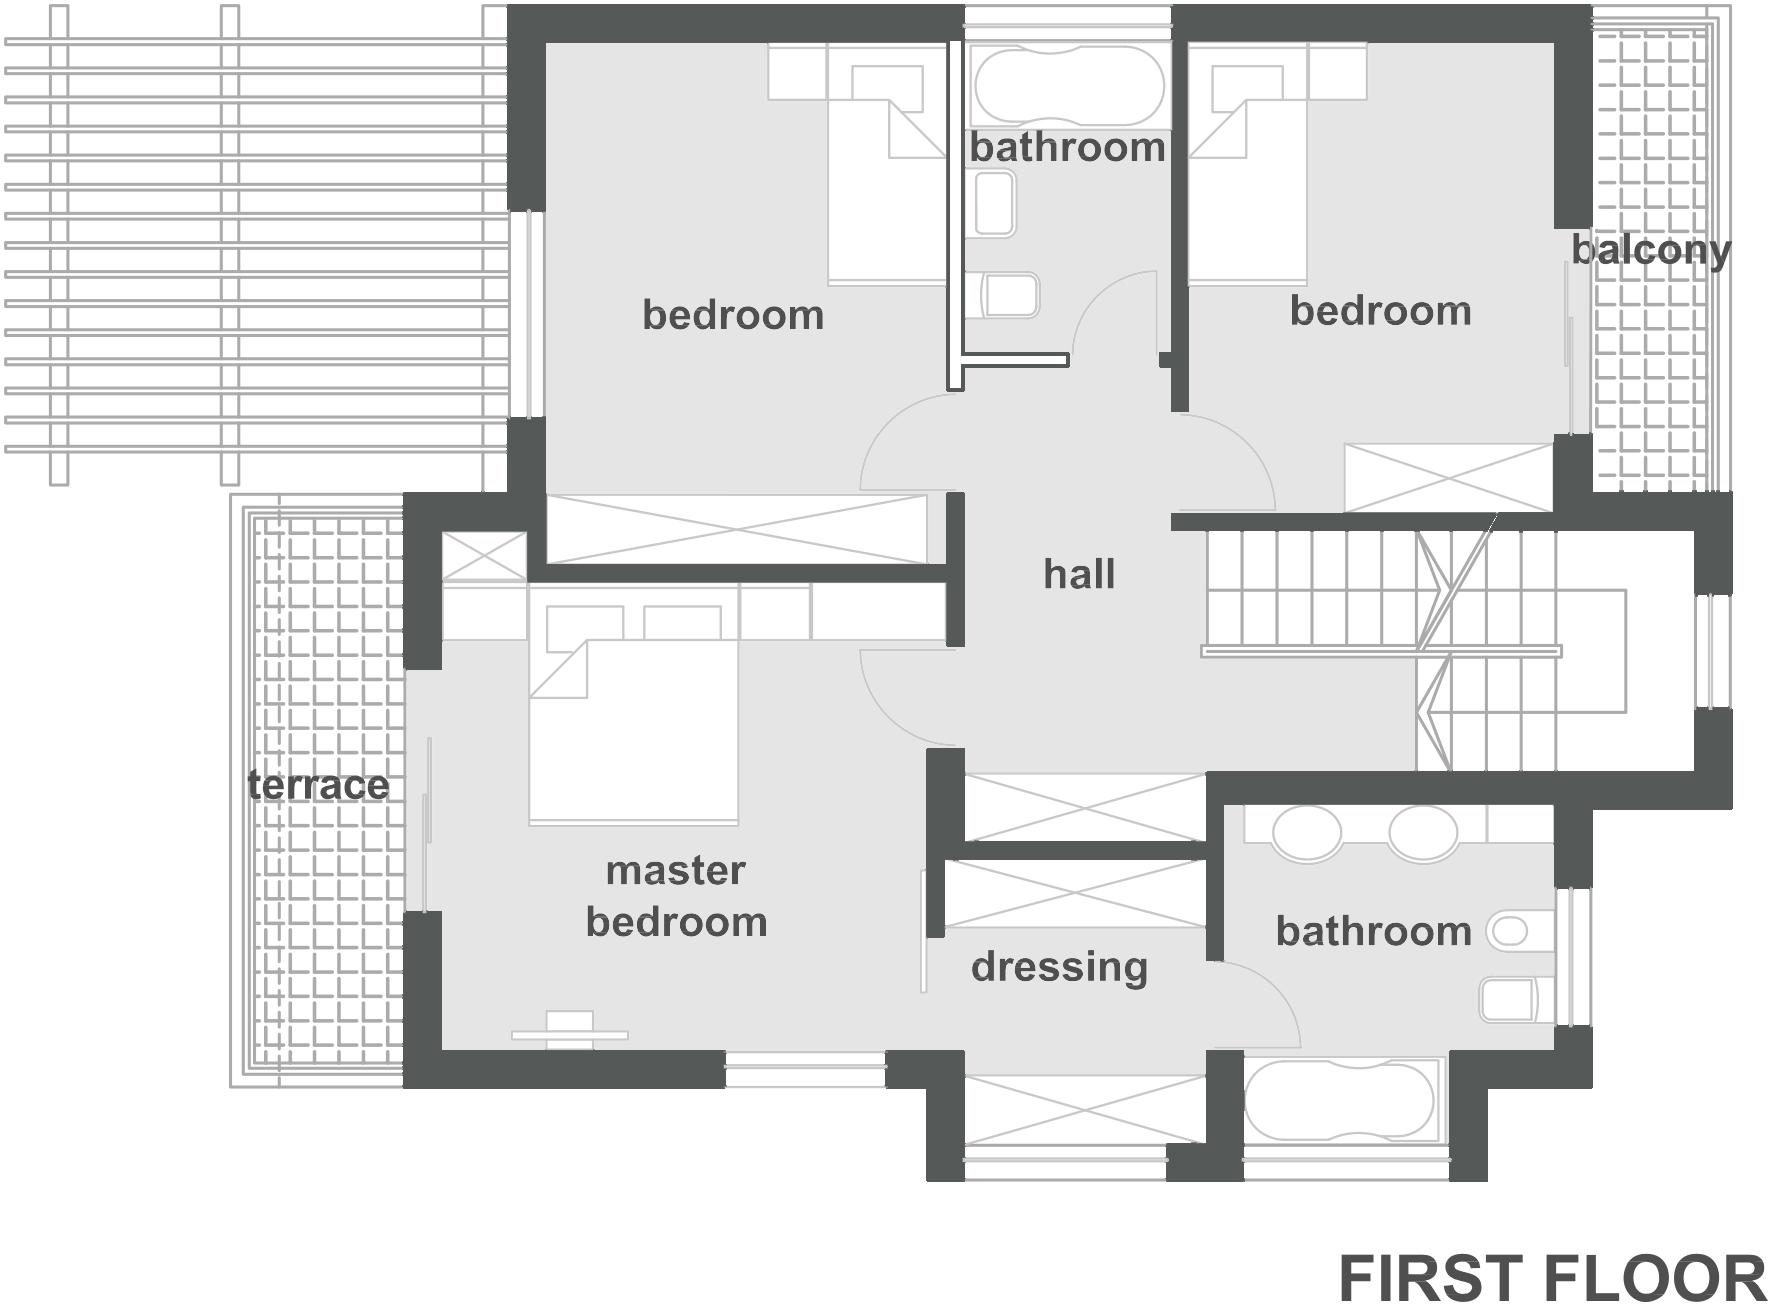 second-floor-Bragadiru